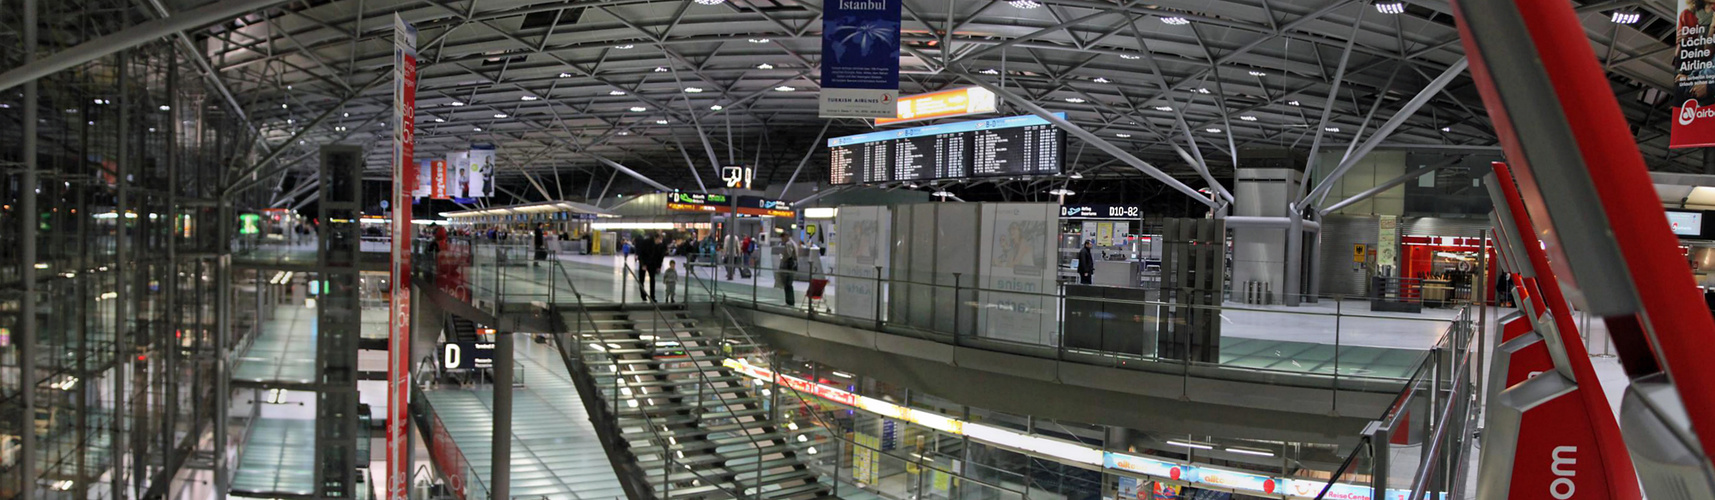 Der Köln/Bonner Flughafen am Abend